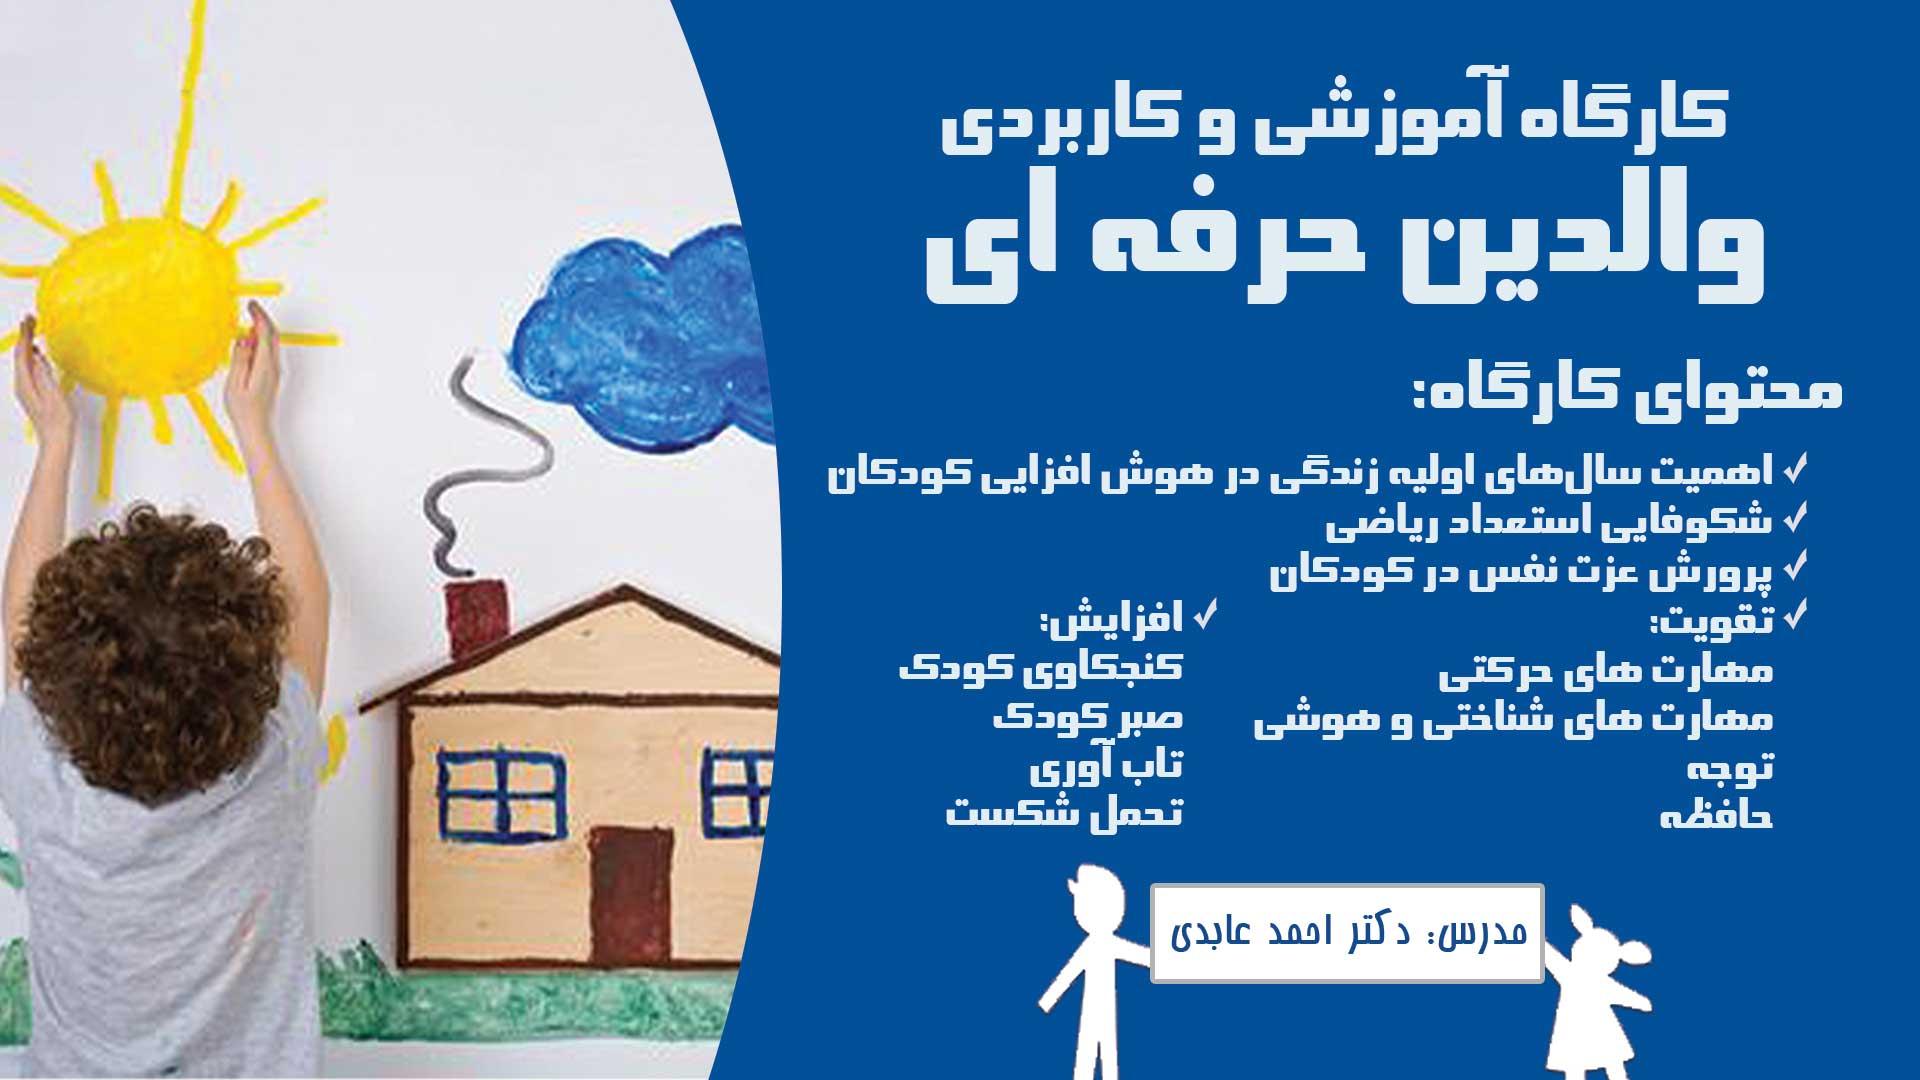 دوره آموزشی و کاربردی والدین حرفه ای - دکتر احمد عابدی - دپارتمان روانشناسی فن آوران حکیم